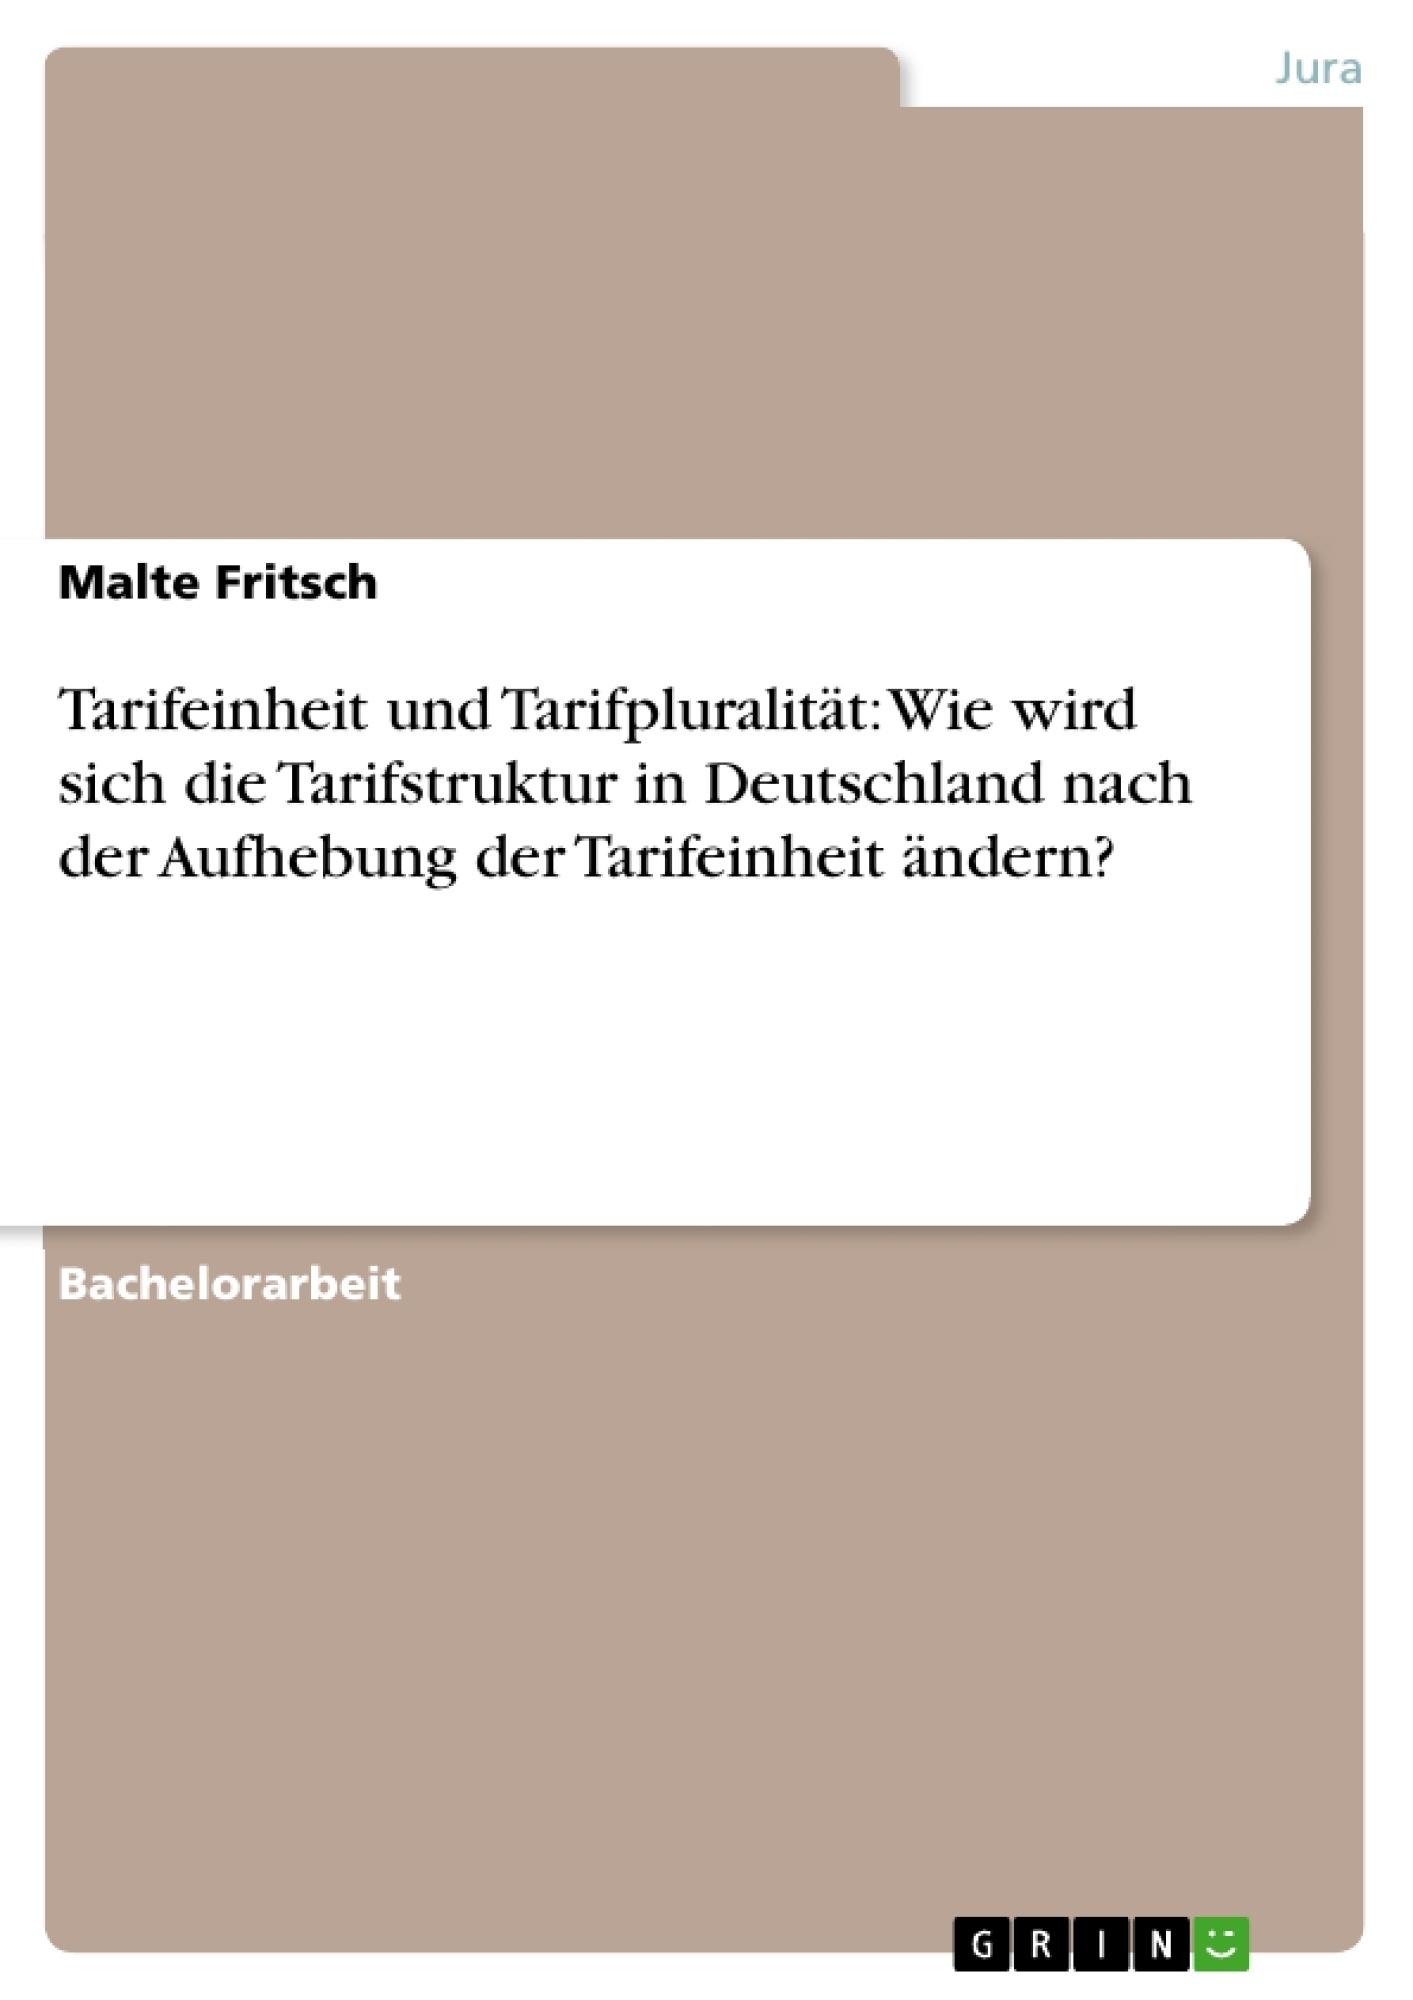 Titel: Tarifeinheit und Tarifpluralität: Wie wird sich die Tarifstruktur in Deutschland  nach der Aufhebung der Tarifeinheit ändern?